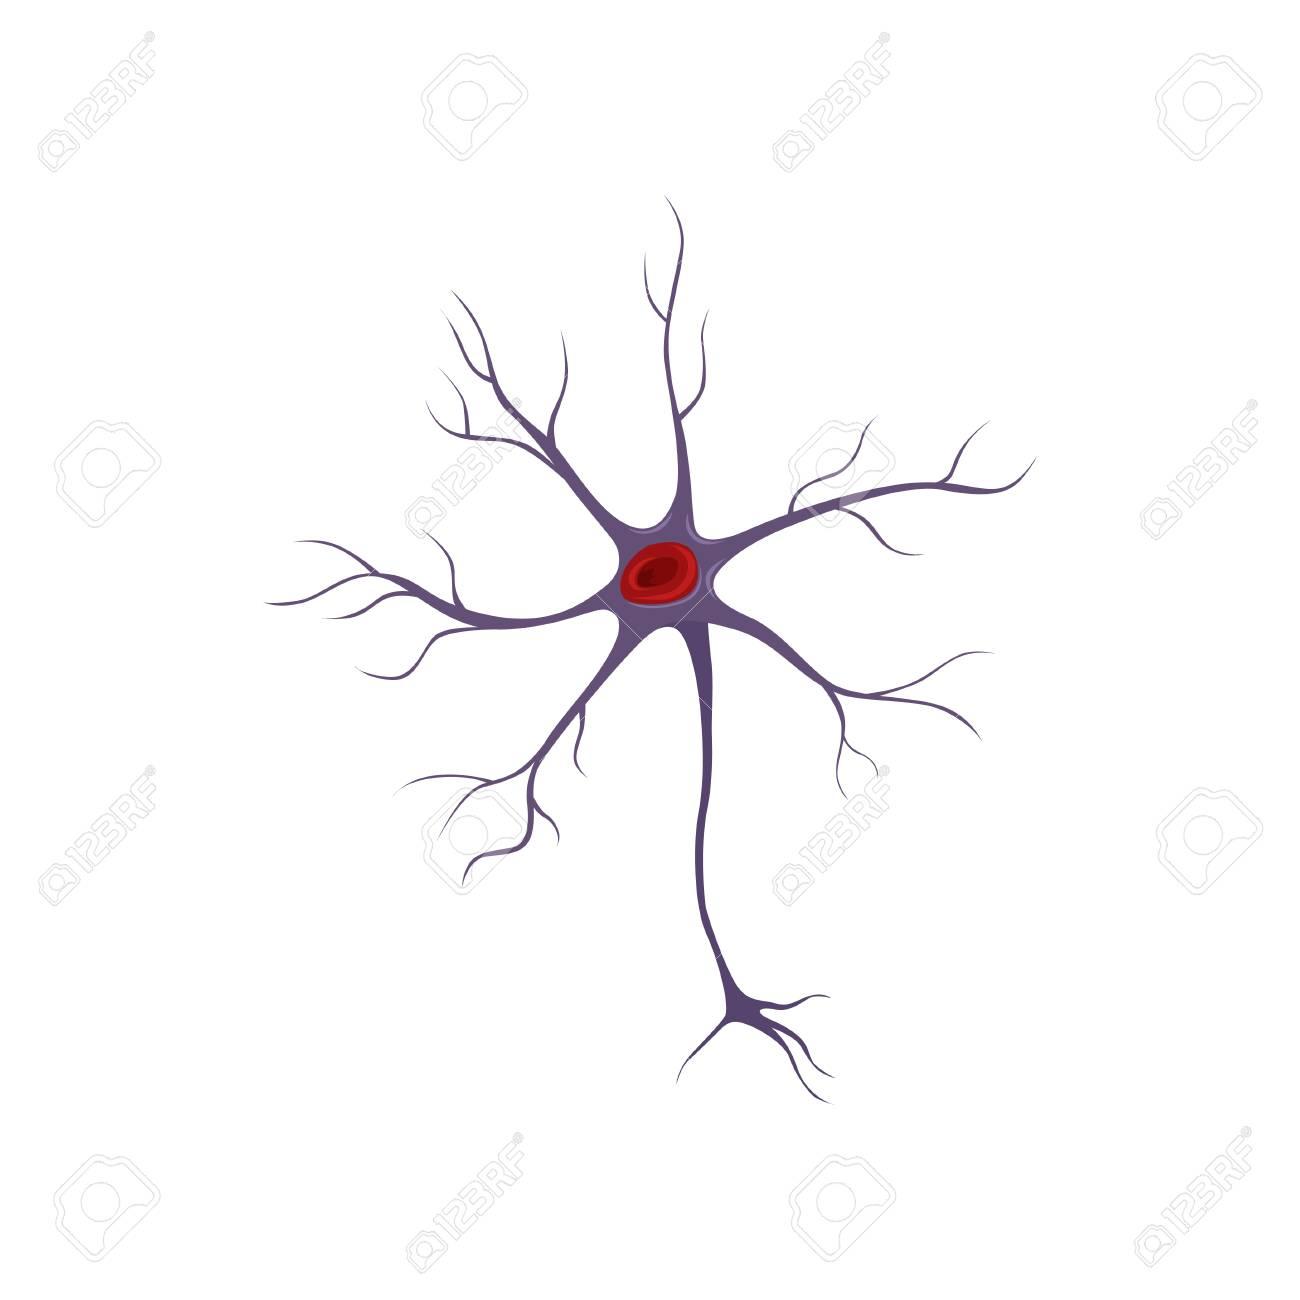 Estructura De La Neurona, Célula Nerviosa. Concepto De Anatomía Y ...